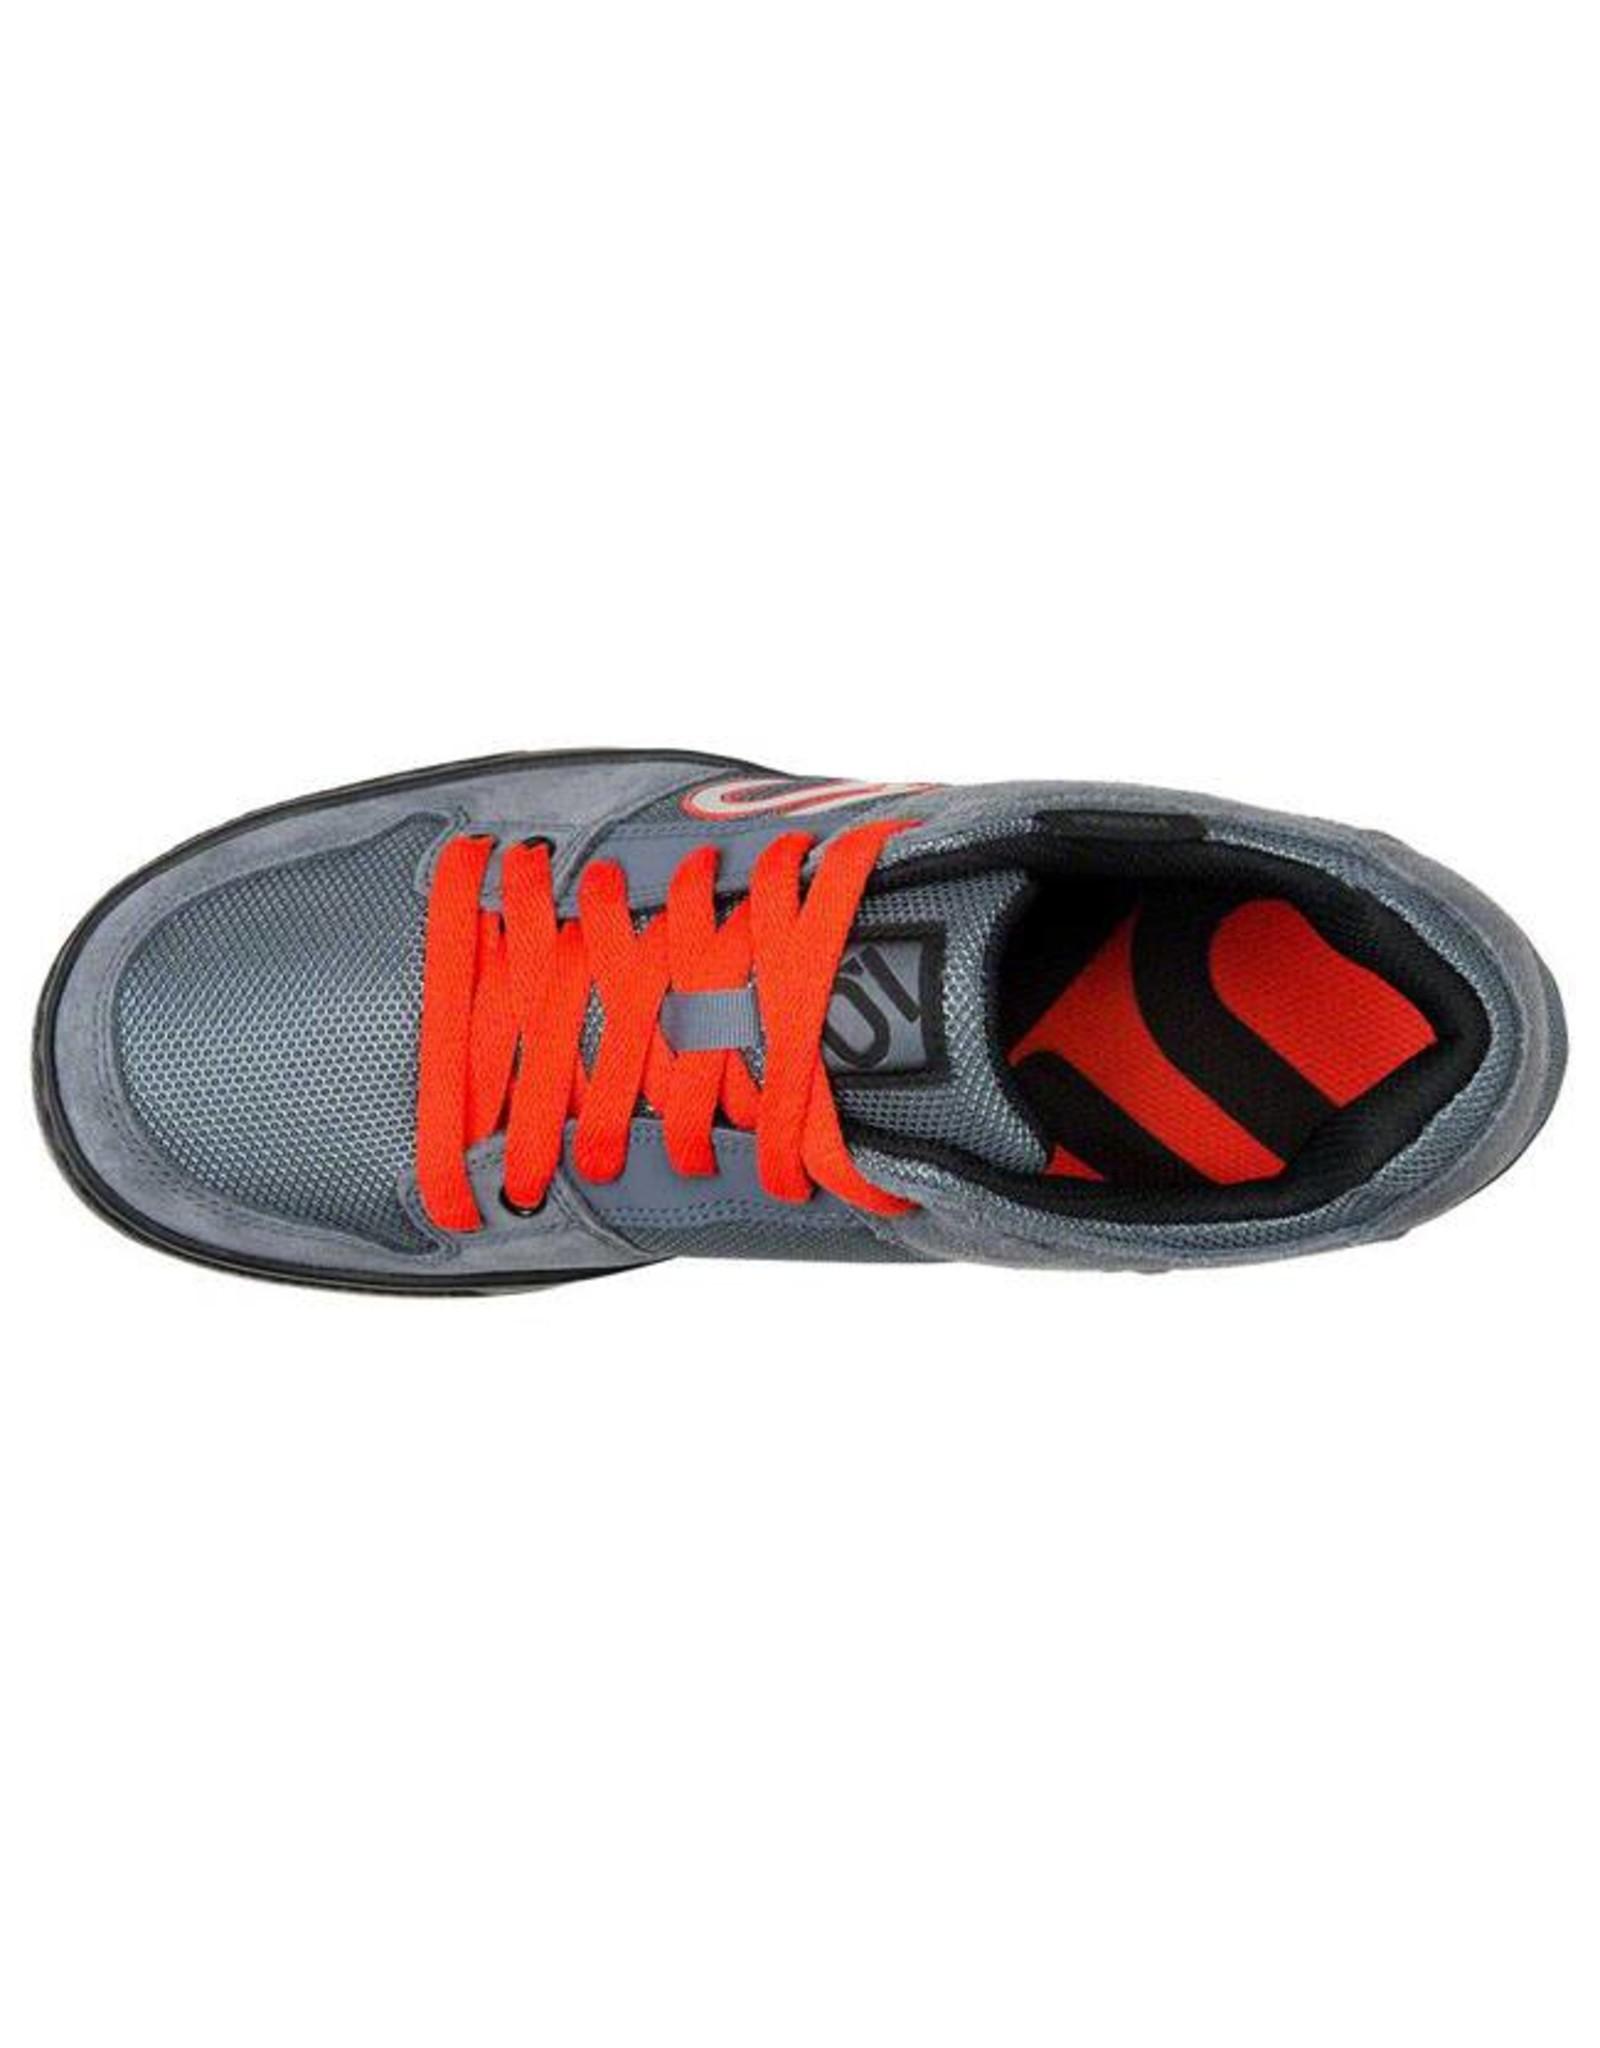 Five Ten Five Ten Freerider Men's Flat Pedal Shoe: Gray/Orange 14